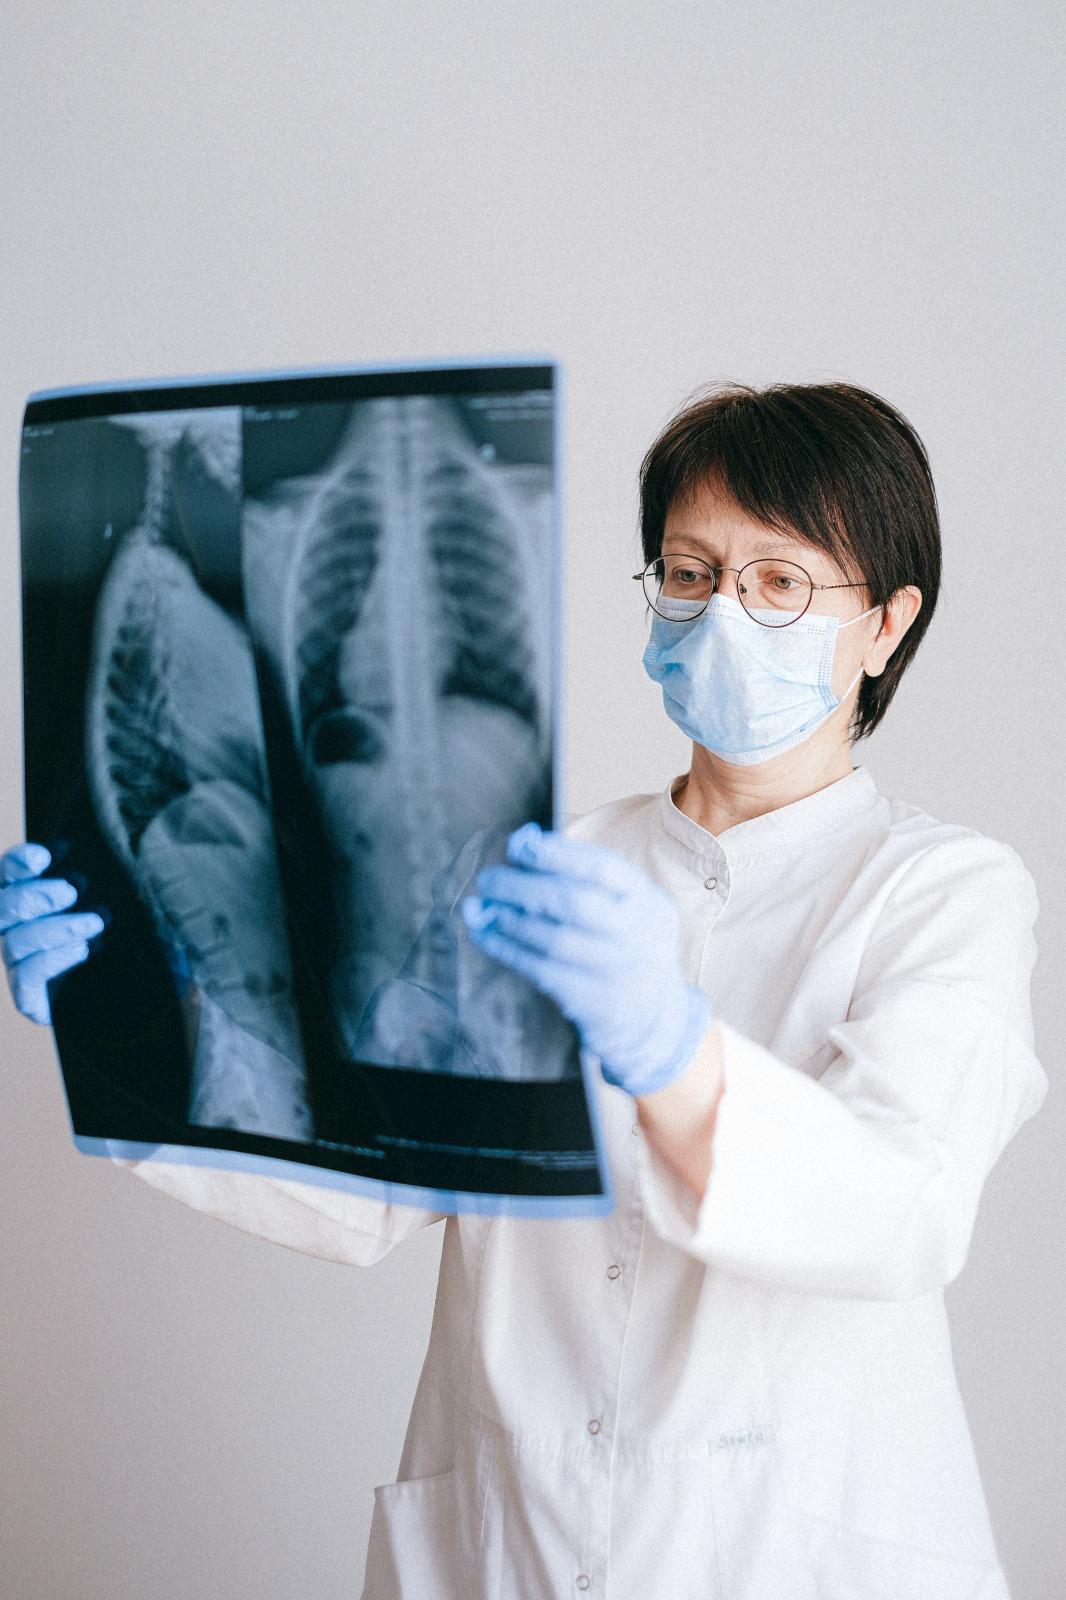 Ossigenoterapia iperbarica (OTI) e Covid-19